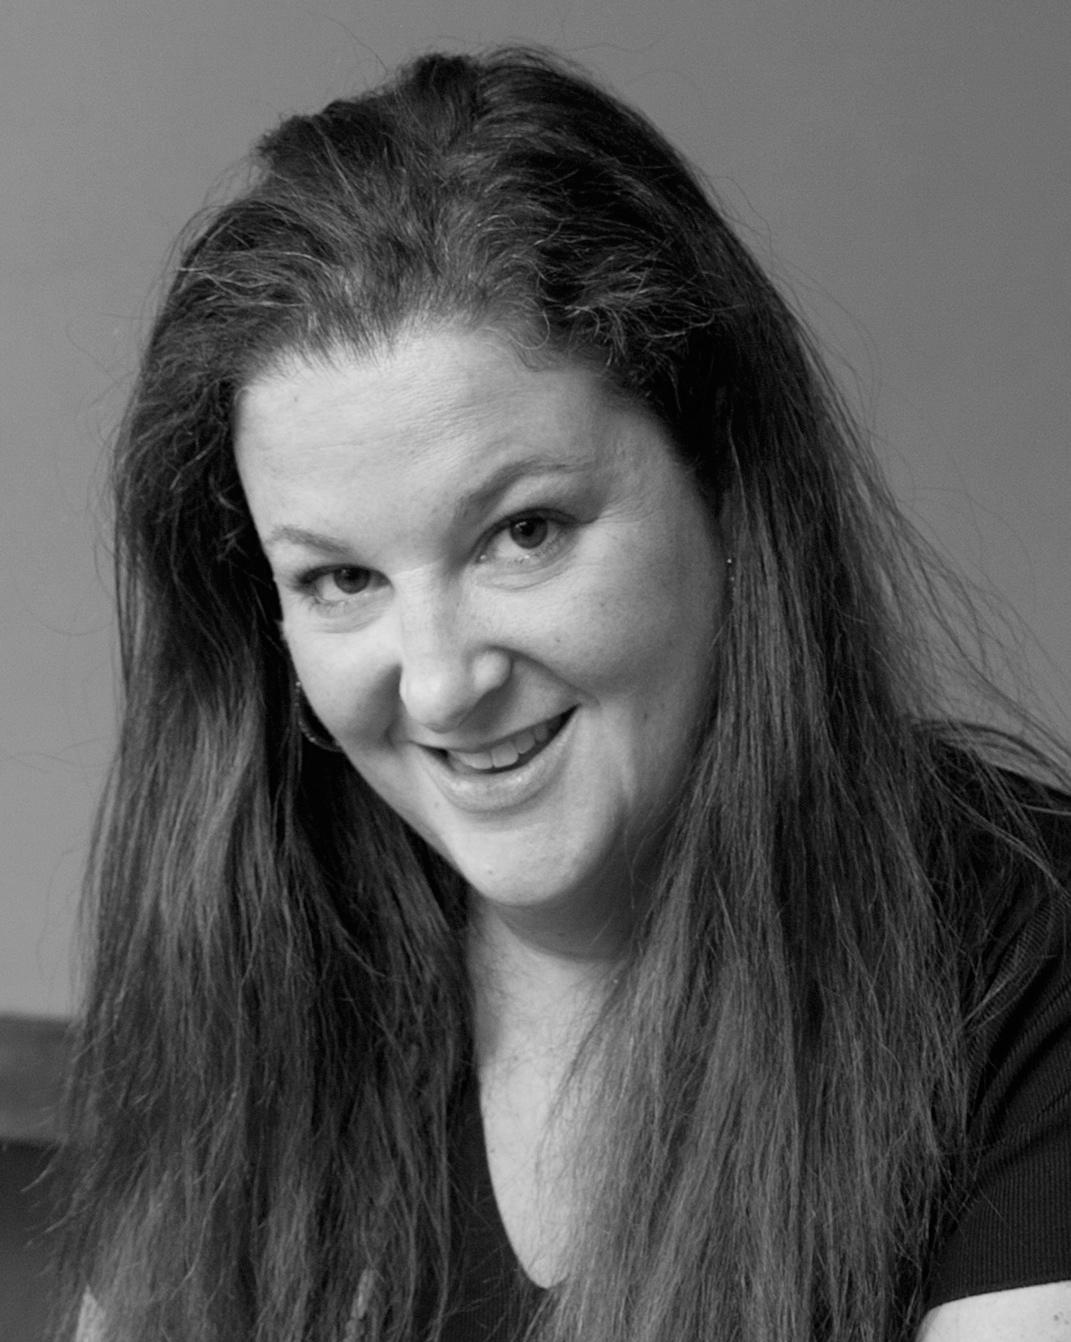 Dr. Robyn Croutch